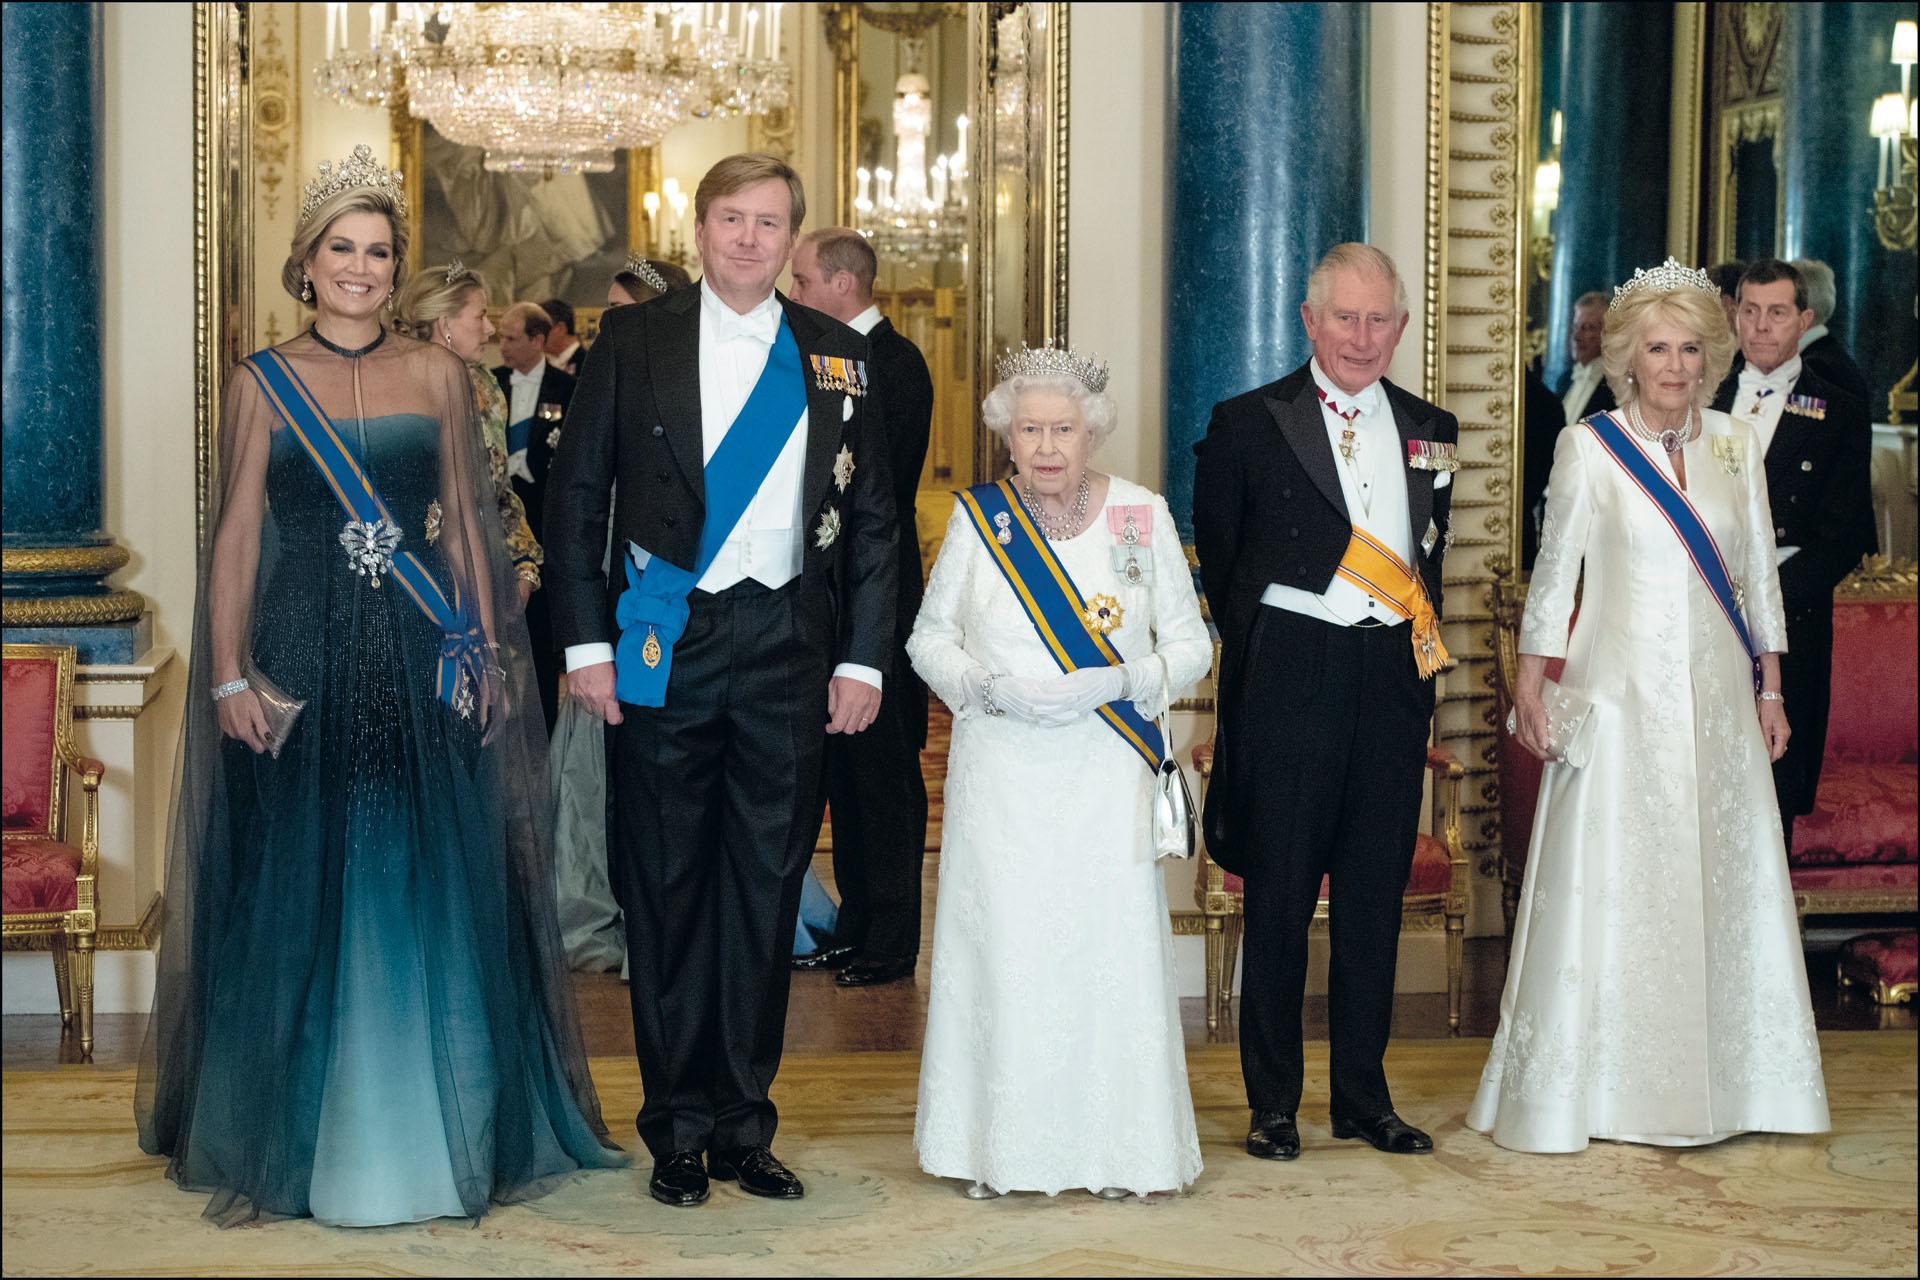 Ella y su esposo, junto ala reina Elizabeth II de Inglaterra, el príncipe Carlos y CamilaBowles, en el Palacio deBuckingham. Una reina que sabe cuál es su rol y cómo manejarse en cada situación.